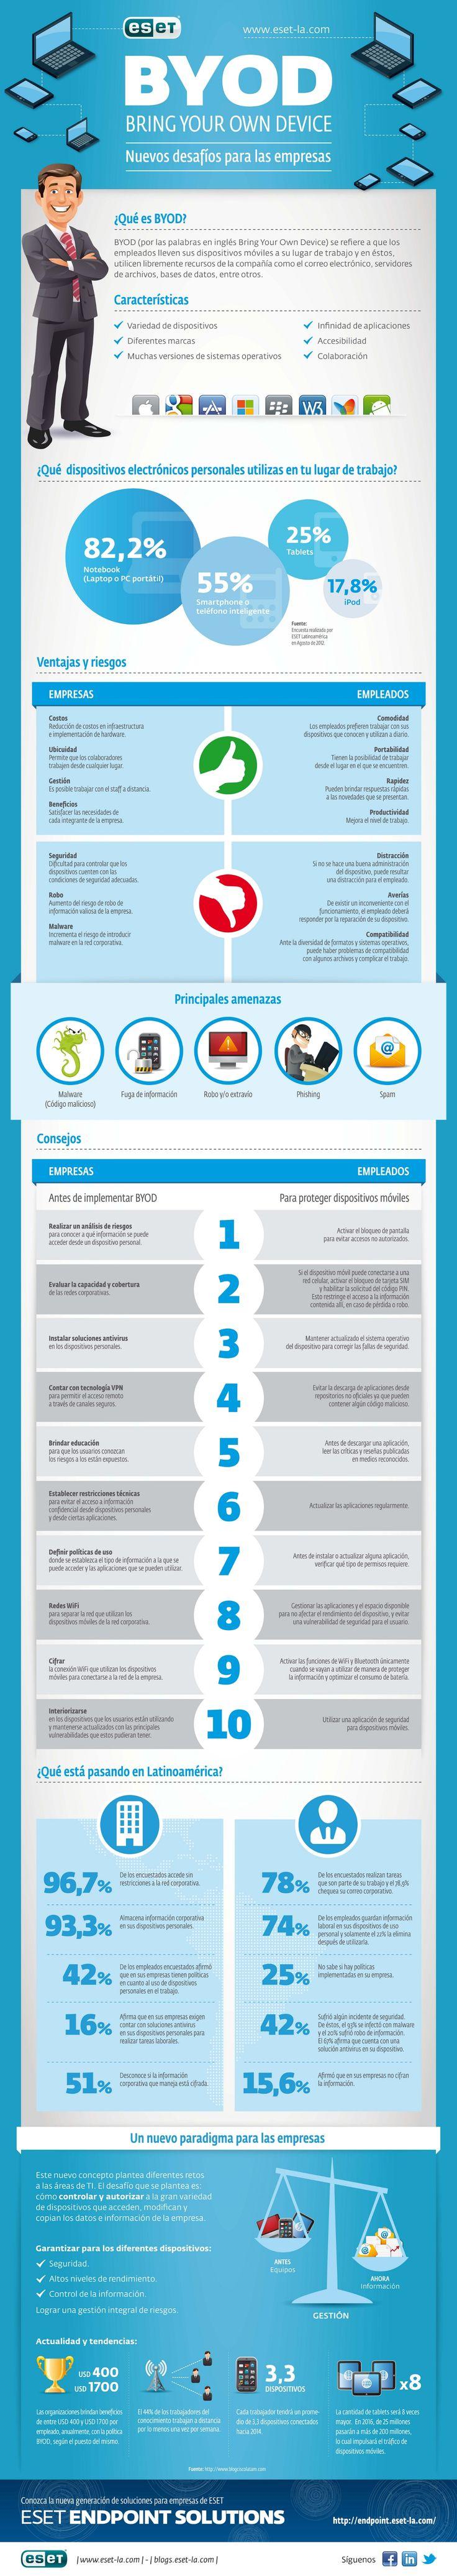 """BYOD: Infografía sobre los nuevos desafíos para las empresas. En los entornos corporativos ya es conocido el término BYOD o """"Bring Your Own Device"""", el cual comprende el fenómeno de la utilización de los dispositivos por parte de los empleados para realizar sus tareas diarias de trabajo. Elaborado por ESET Latinoamérica. http://www.cavaju.com/2013/04/20/byod-infografia-sobre-los-nuevos-desafios-para-las-empresas/"""